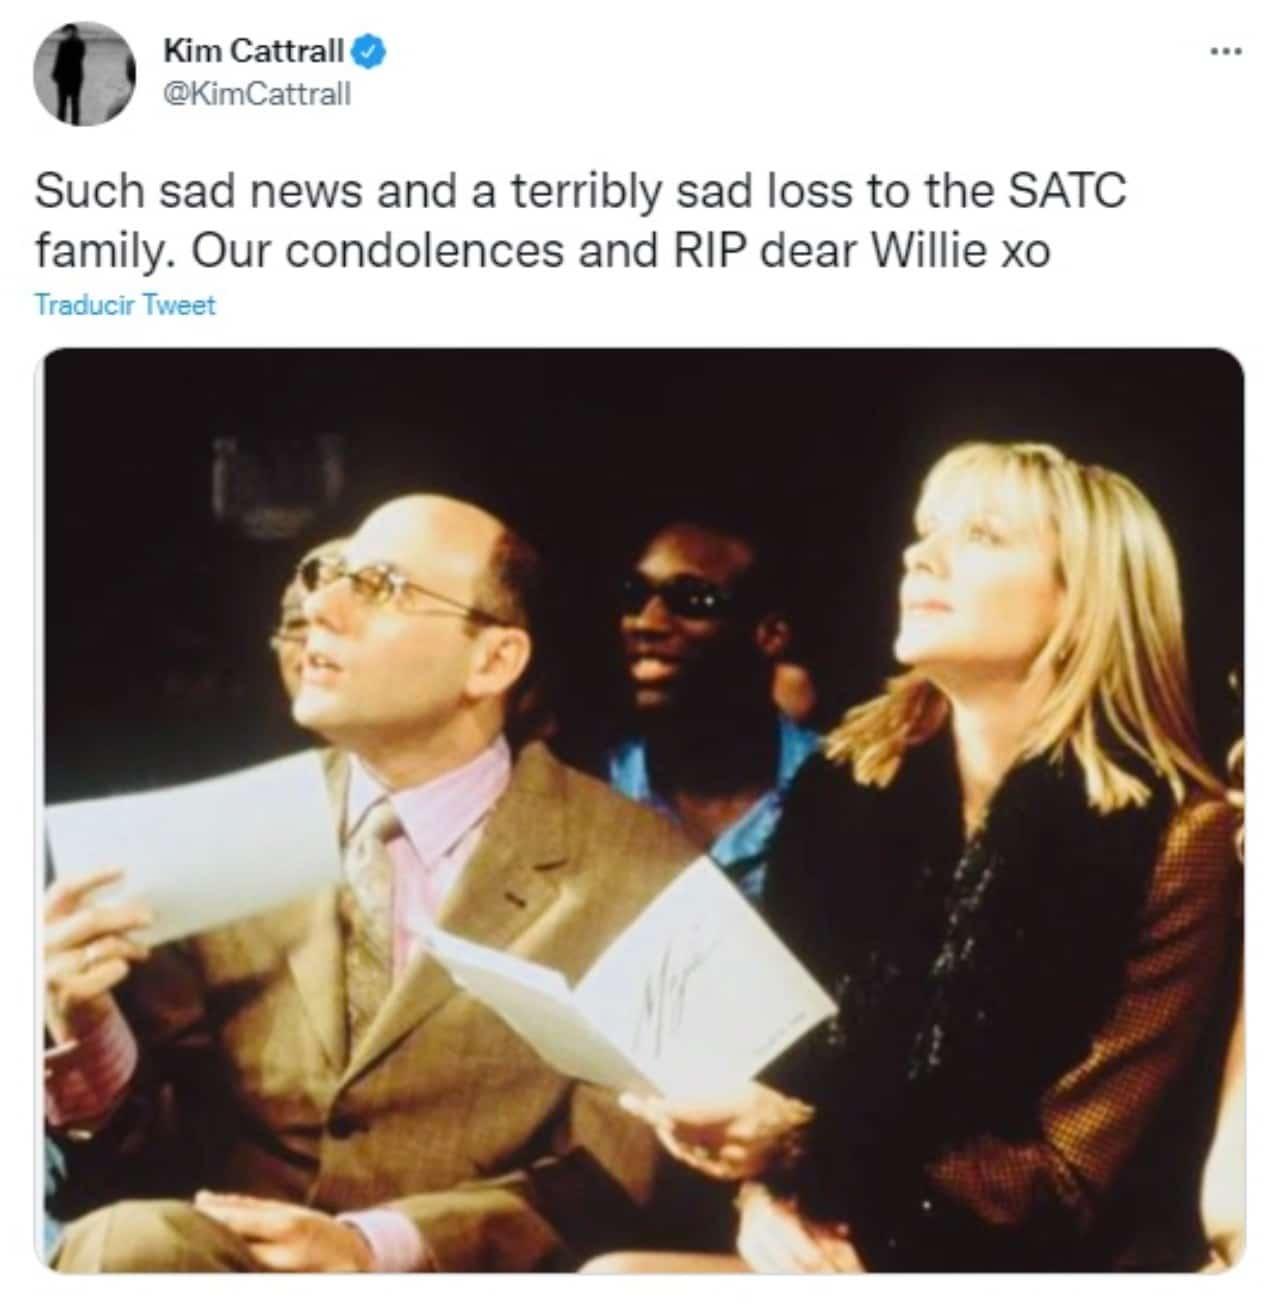 Kim Cattrall Willie Garson Stanford Blatch